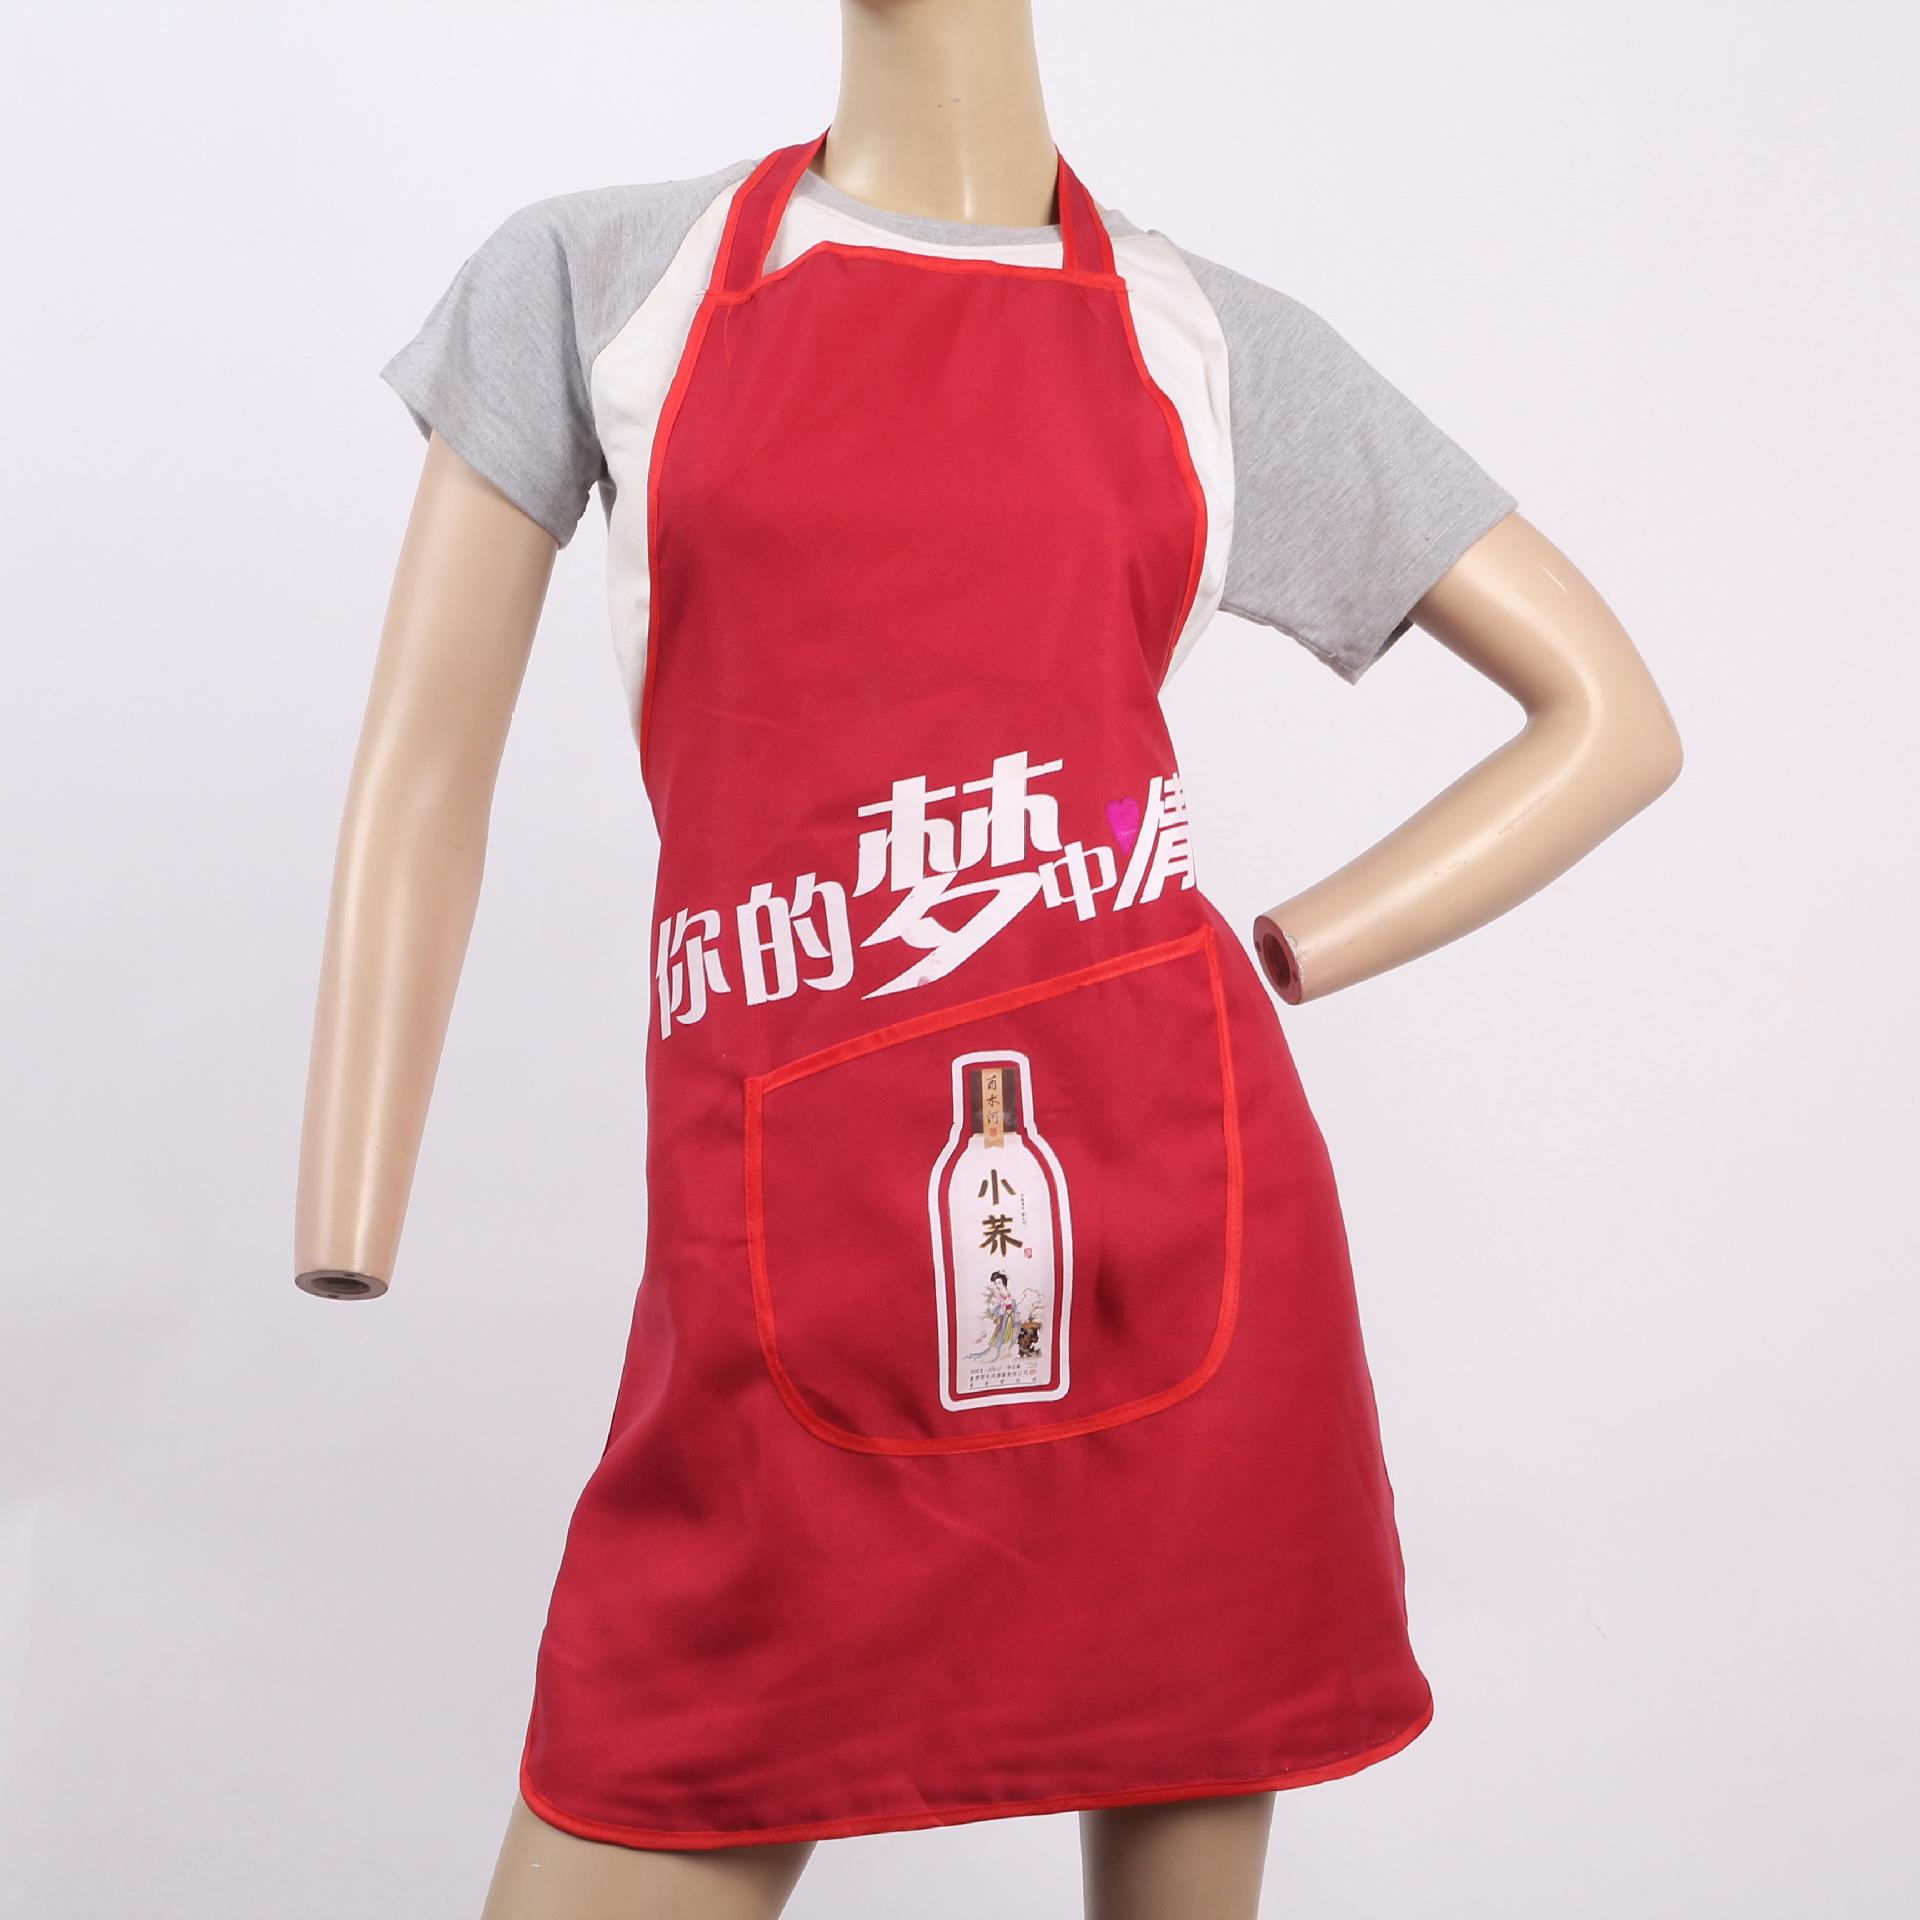 广告围裙 广告围裙厂家定制 商店广告围裙定制 商场广告围裙定制 厨房广告围裙定制